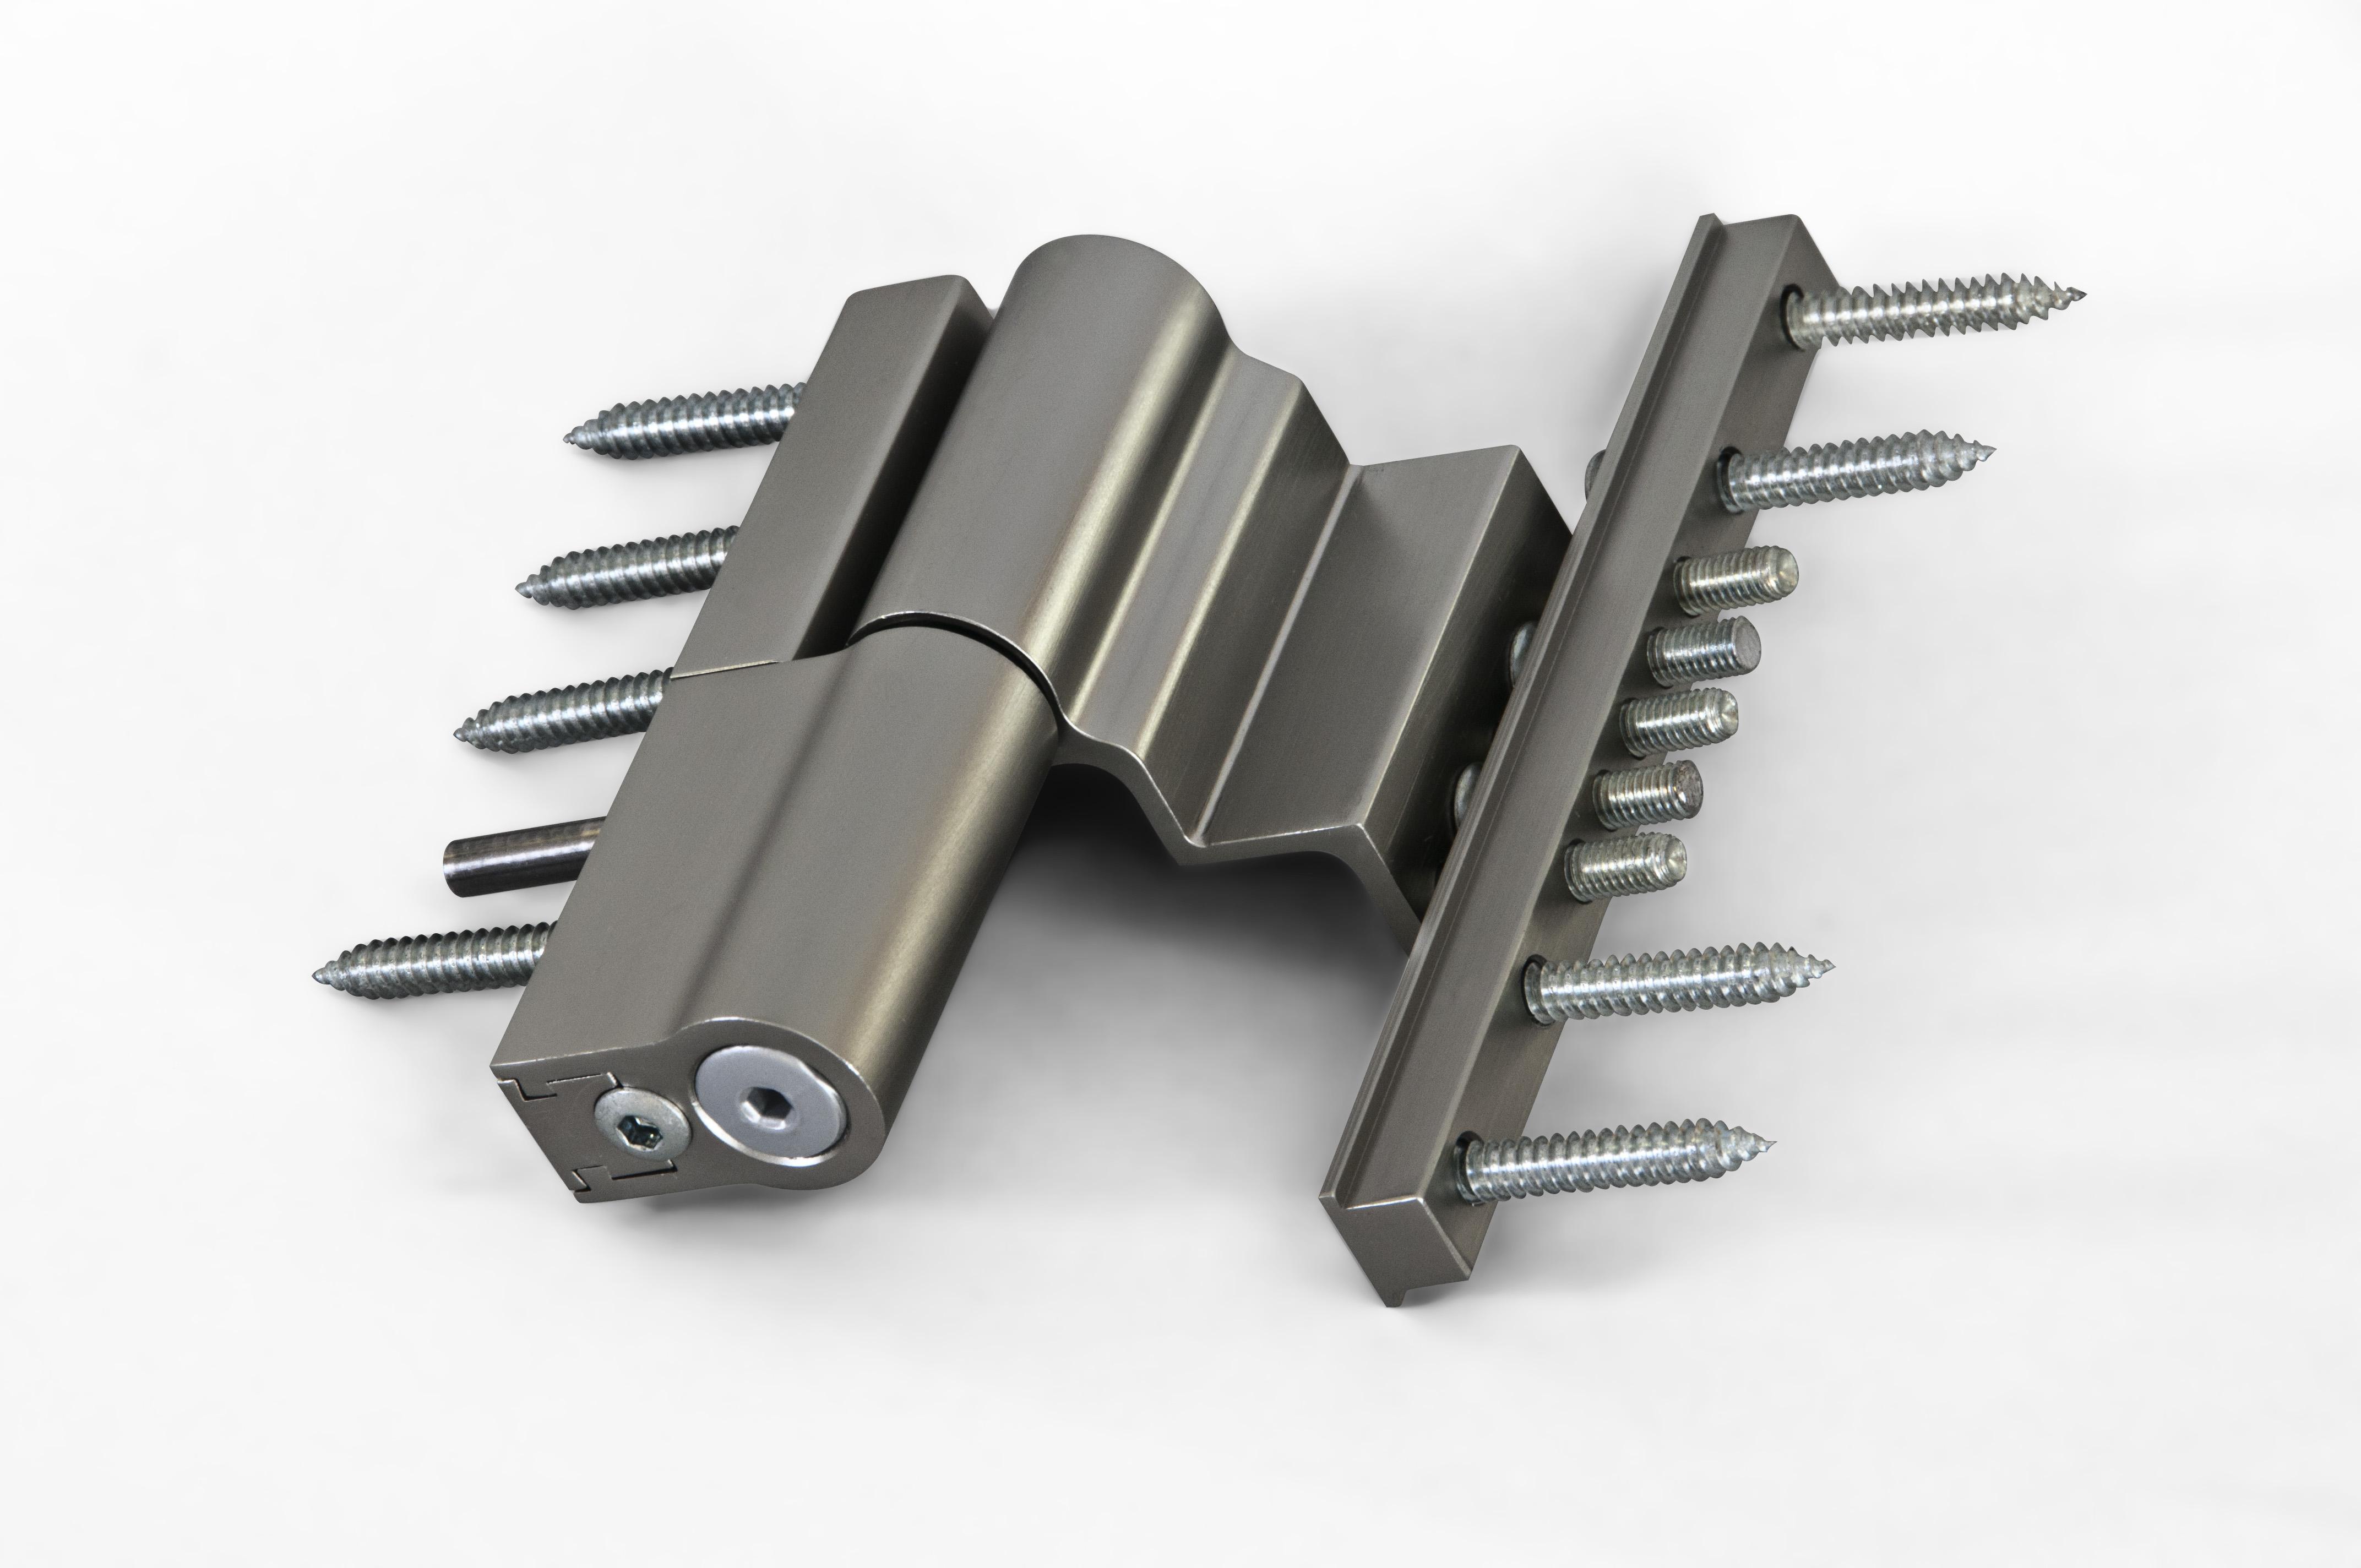 Porte in PVC e alluminio: una semisfera per bloccarne il fisiologico ...